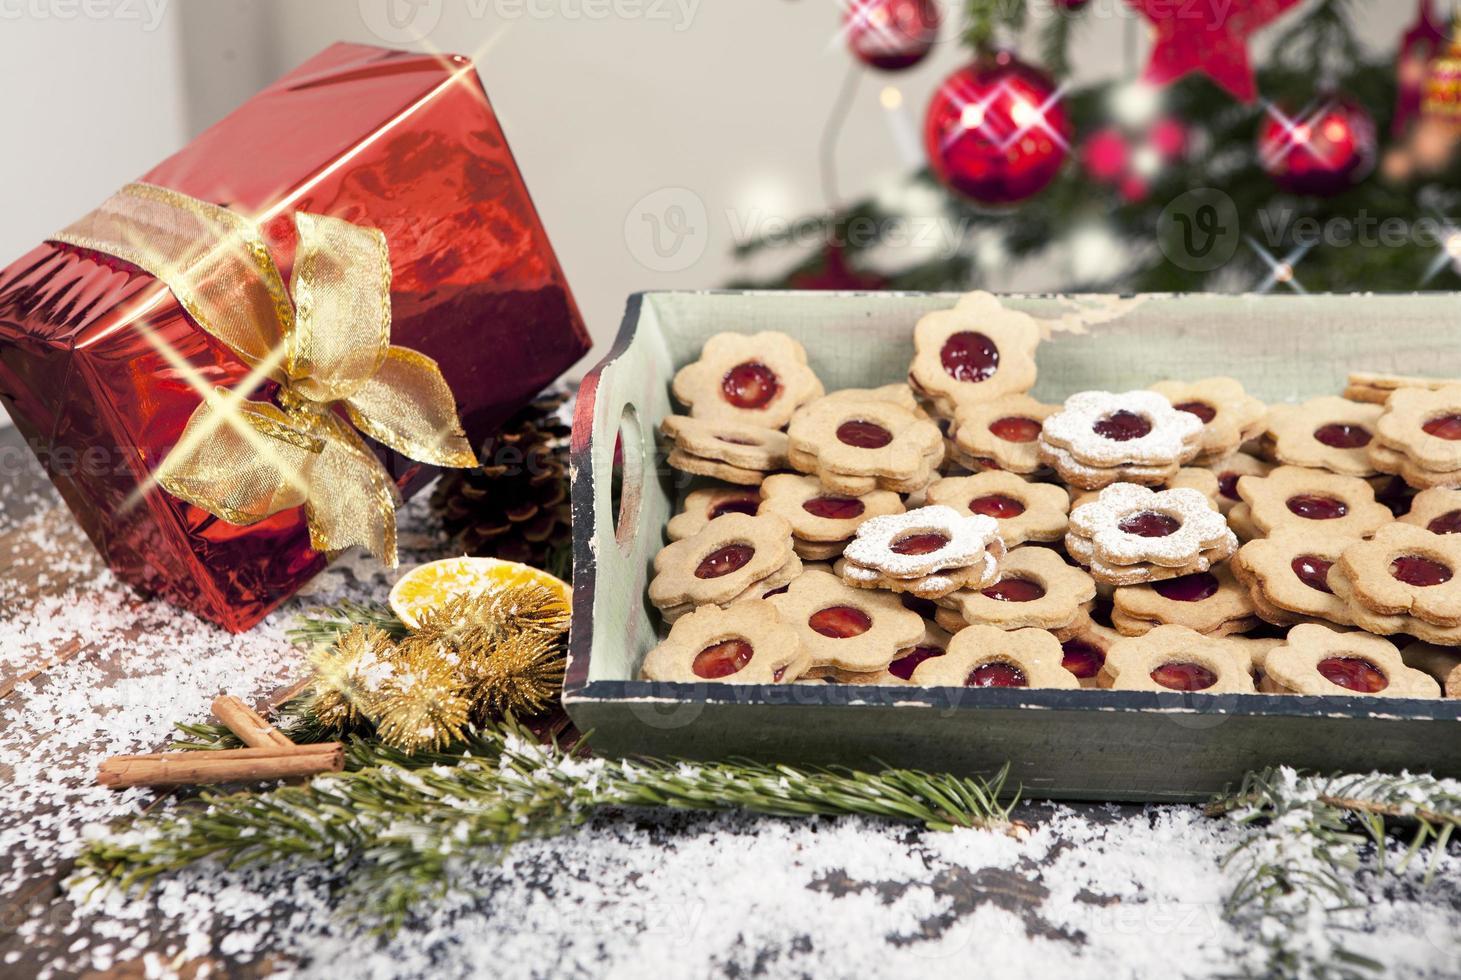 regalo de navidad y galletas foto